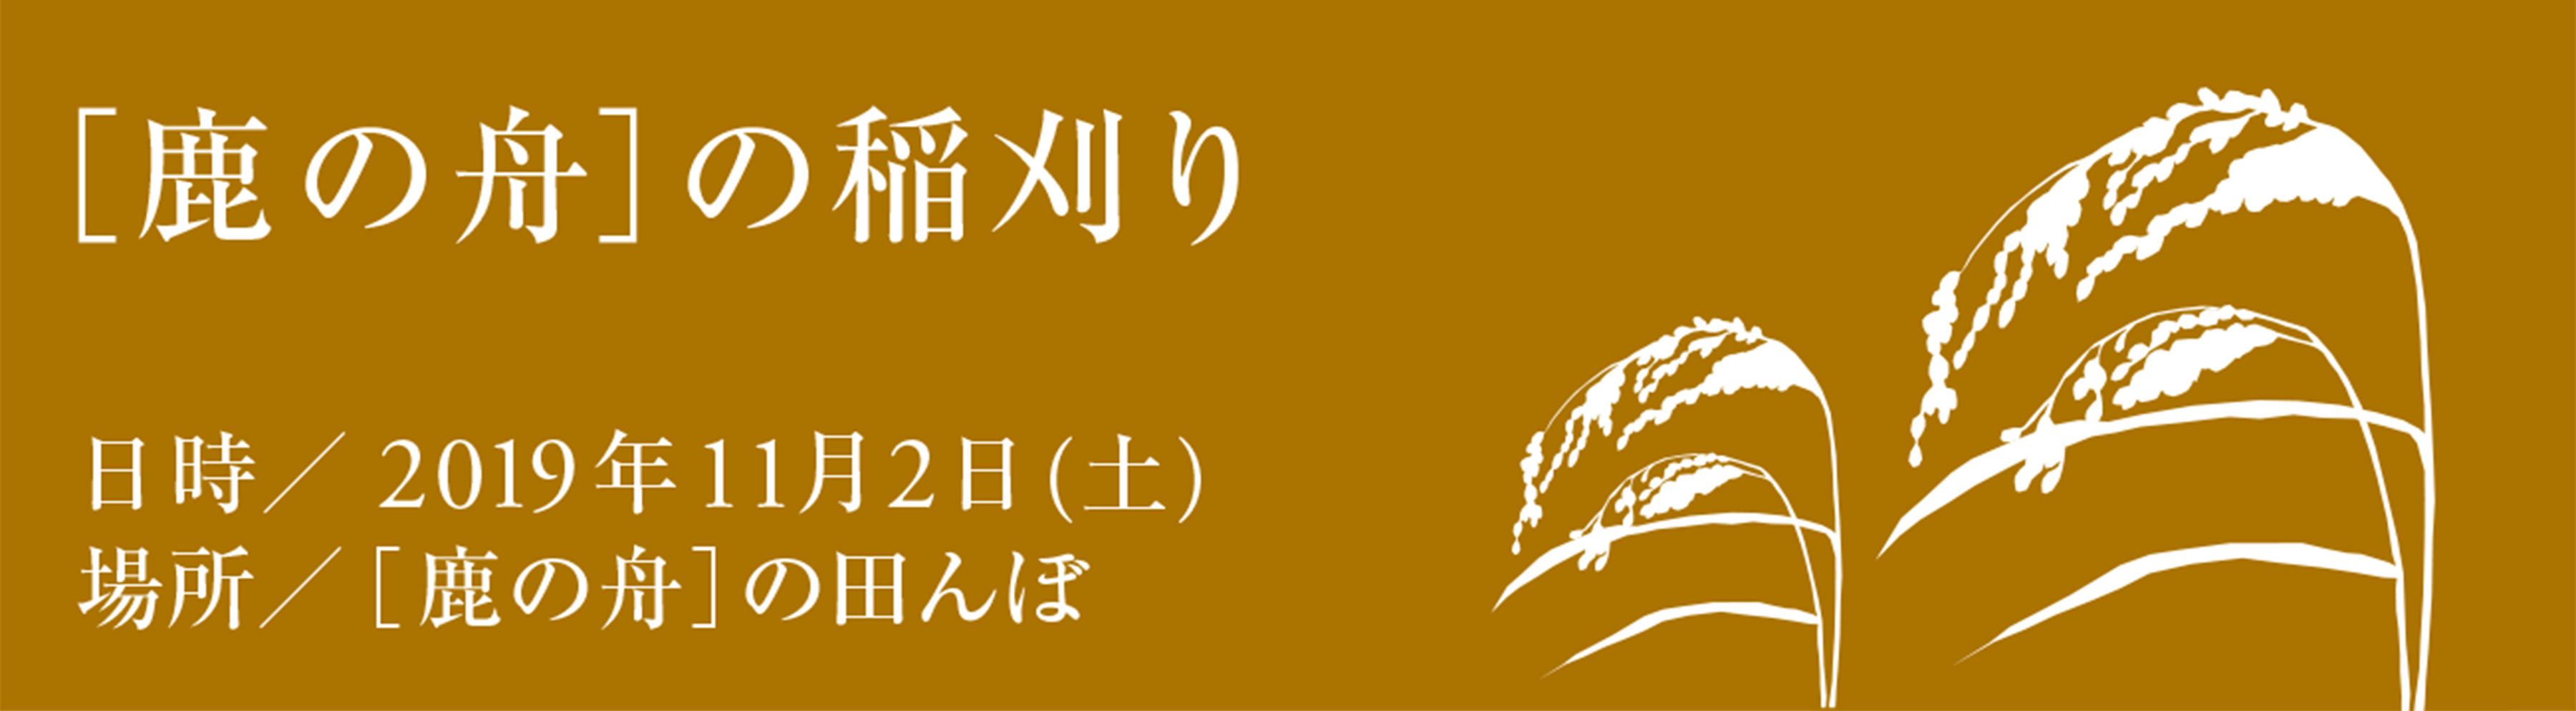 [鹿の舟]の稲刈り 2019